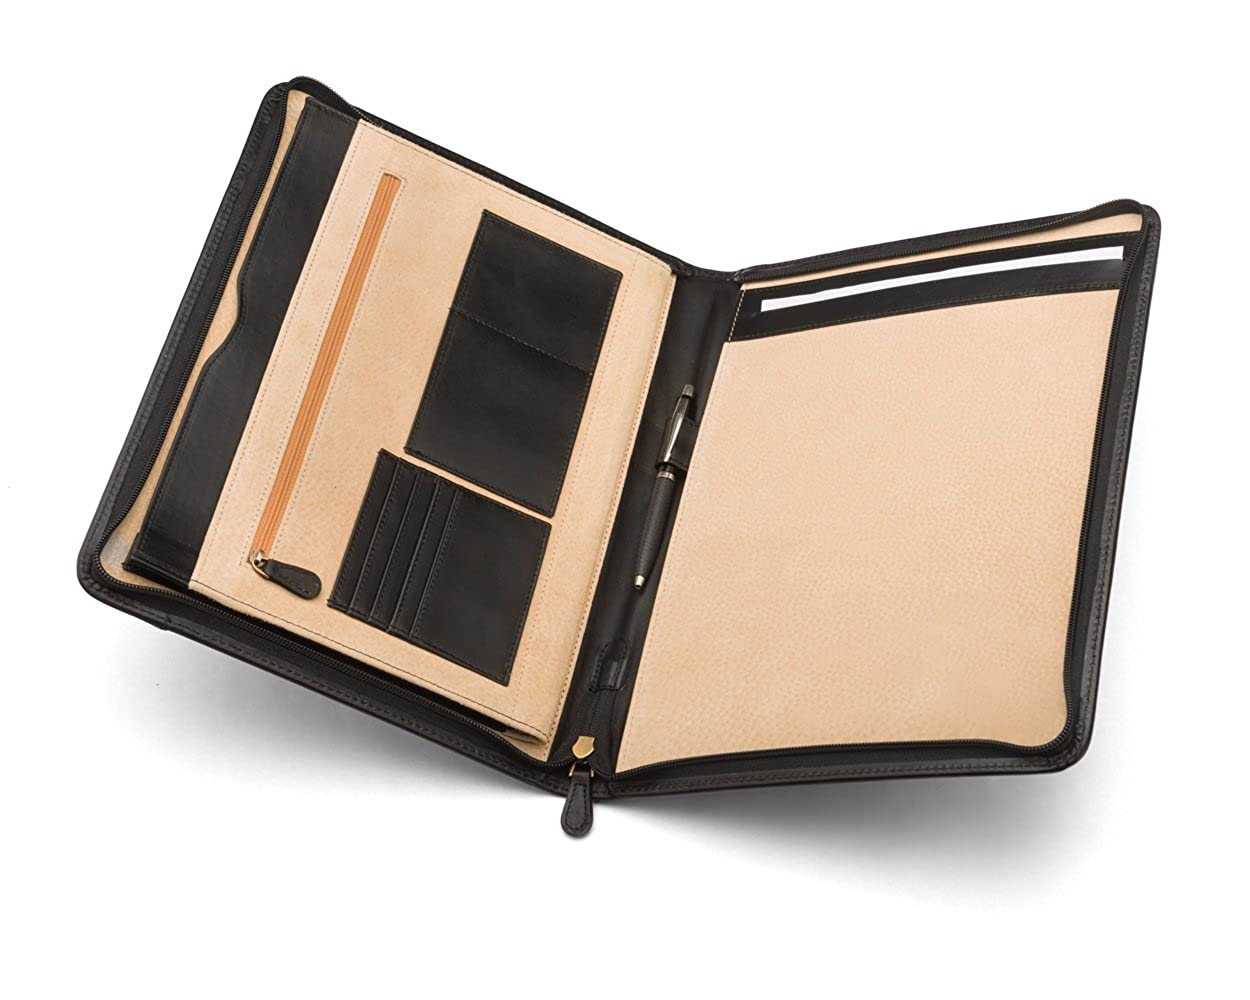 SAGEBROWN Black A4 Notepad Folder   B079Y24GWZ